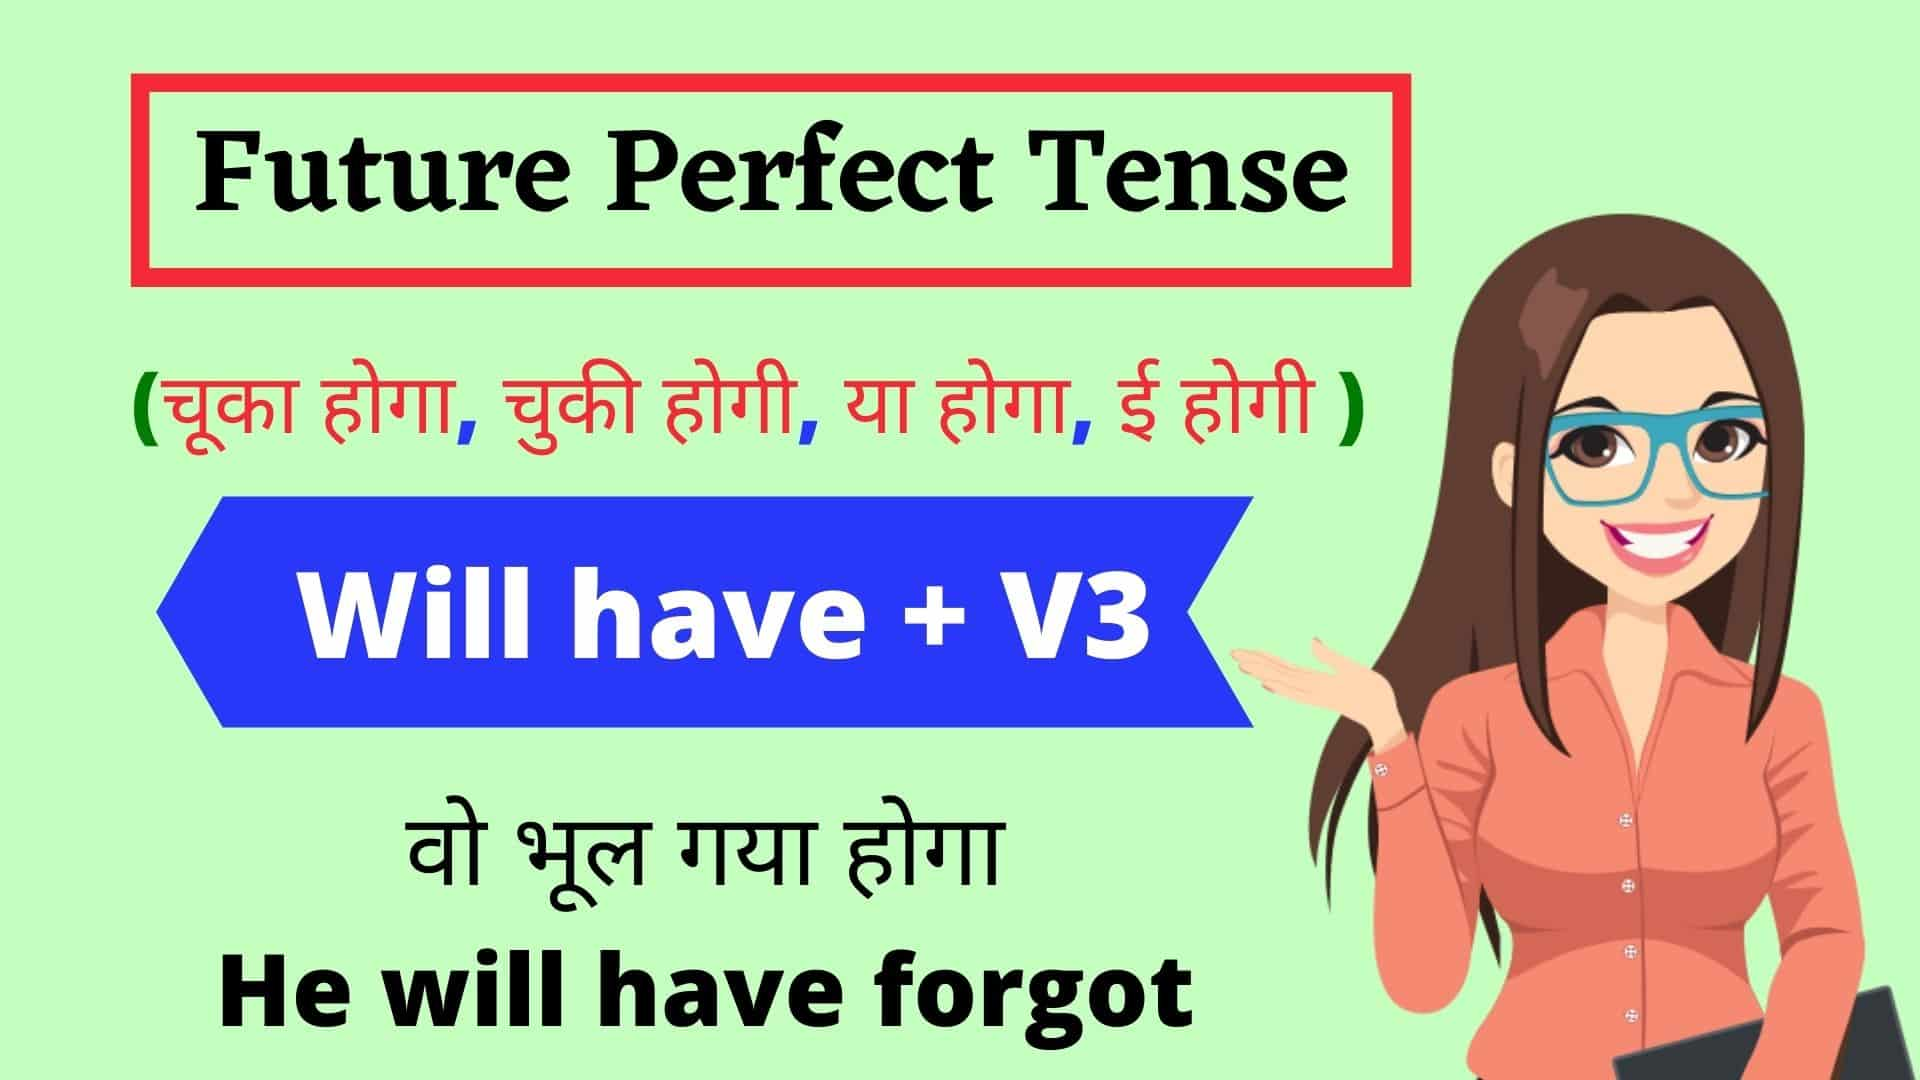 Future Perfect Tense